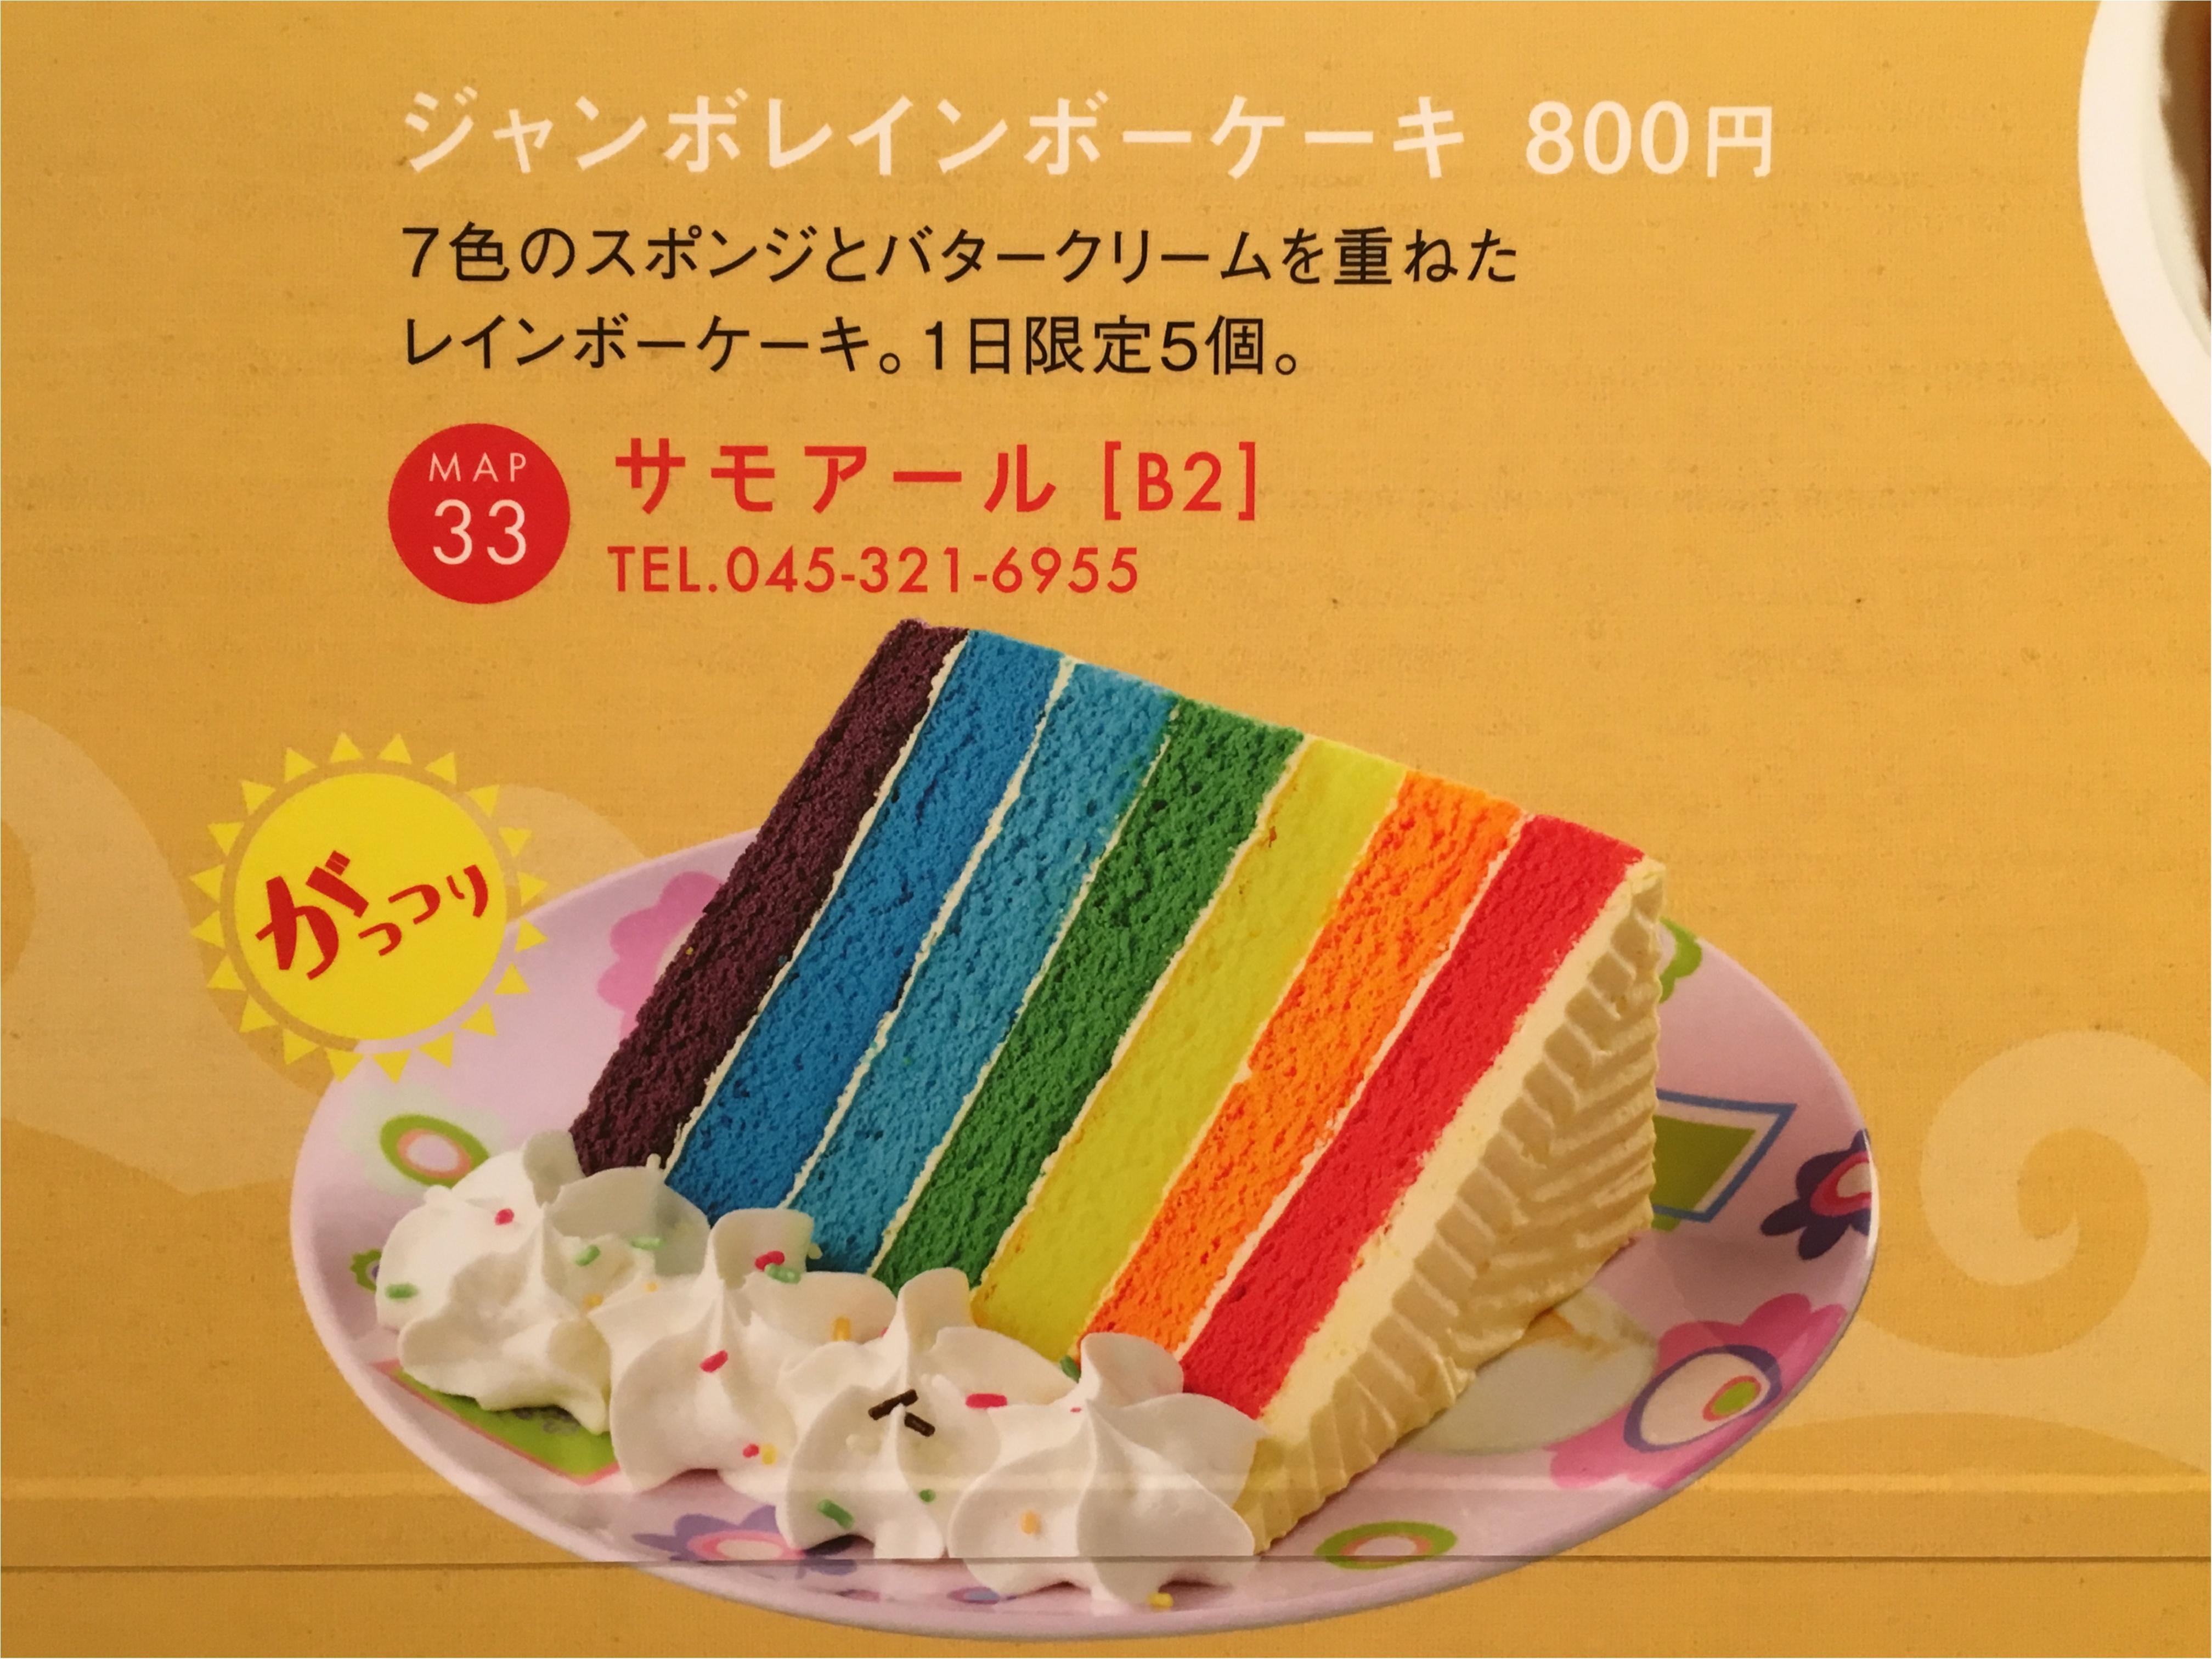 おいしい紅茶専門店でいただく…レインボーカップケーキがフォトジェニック⁉︎_4